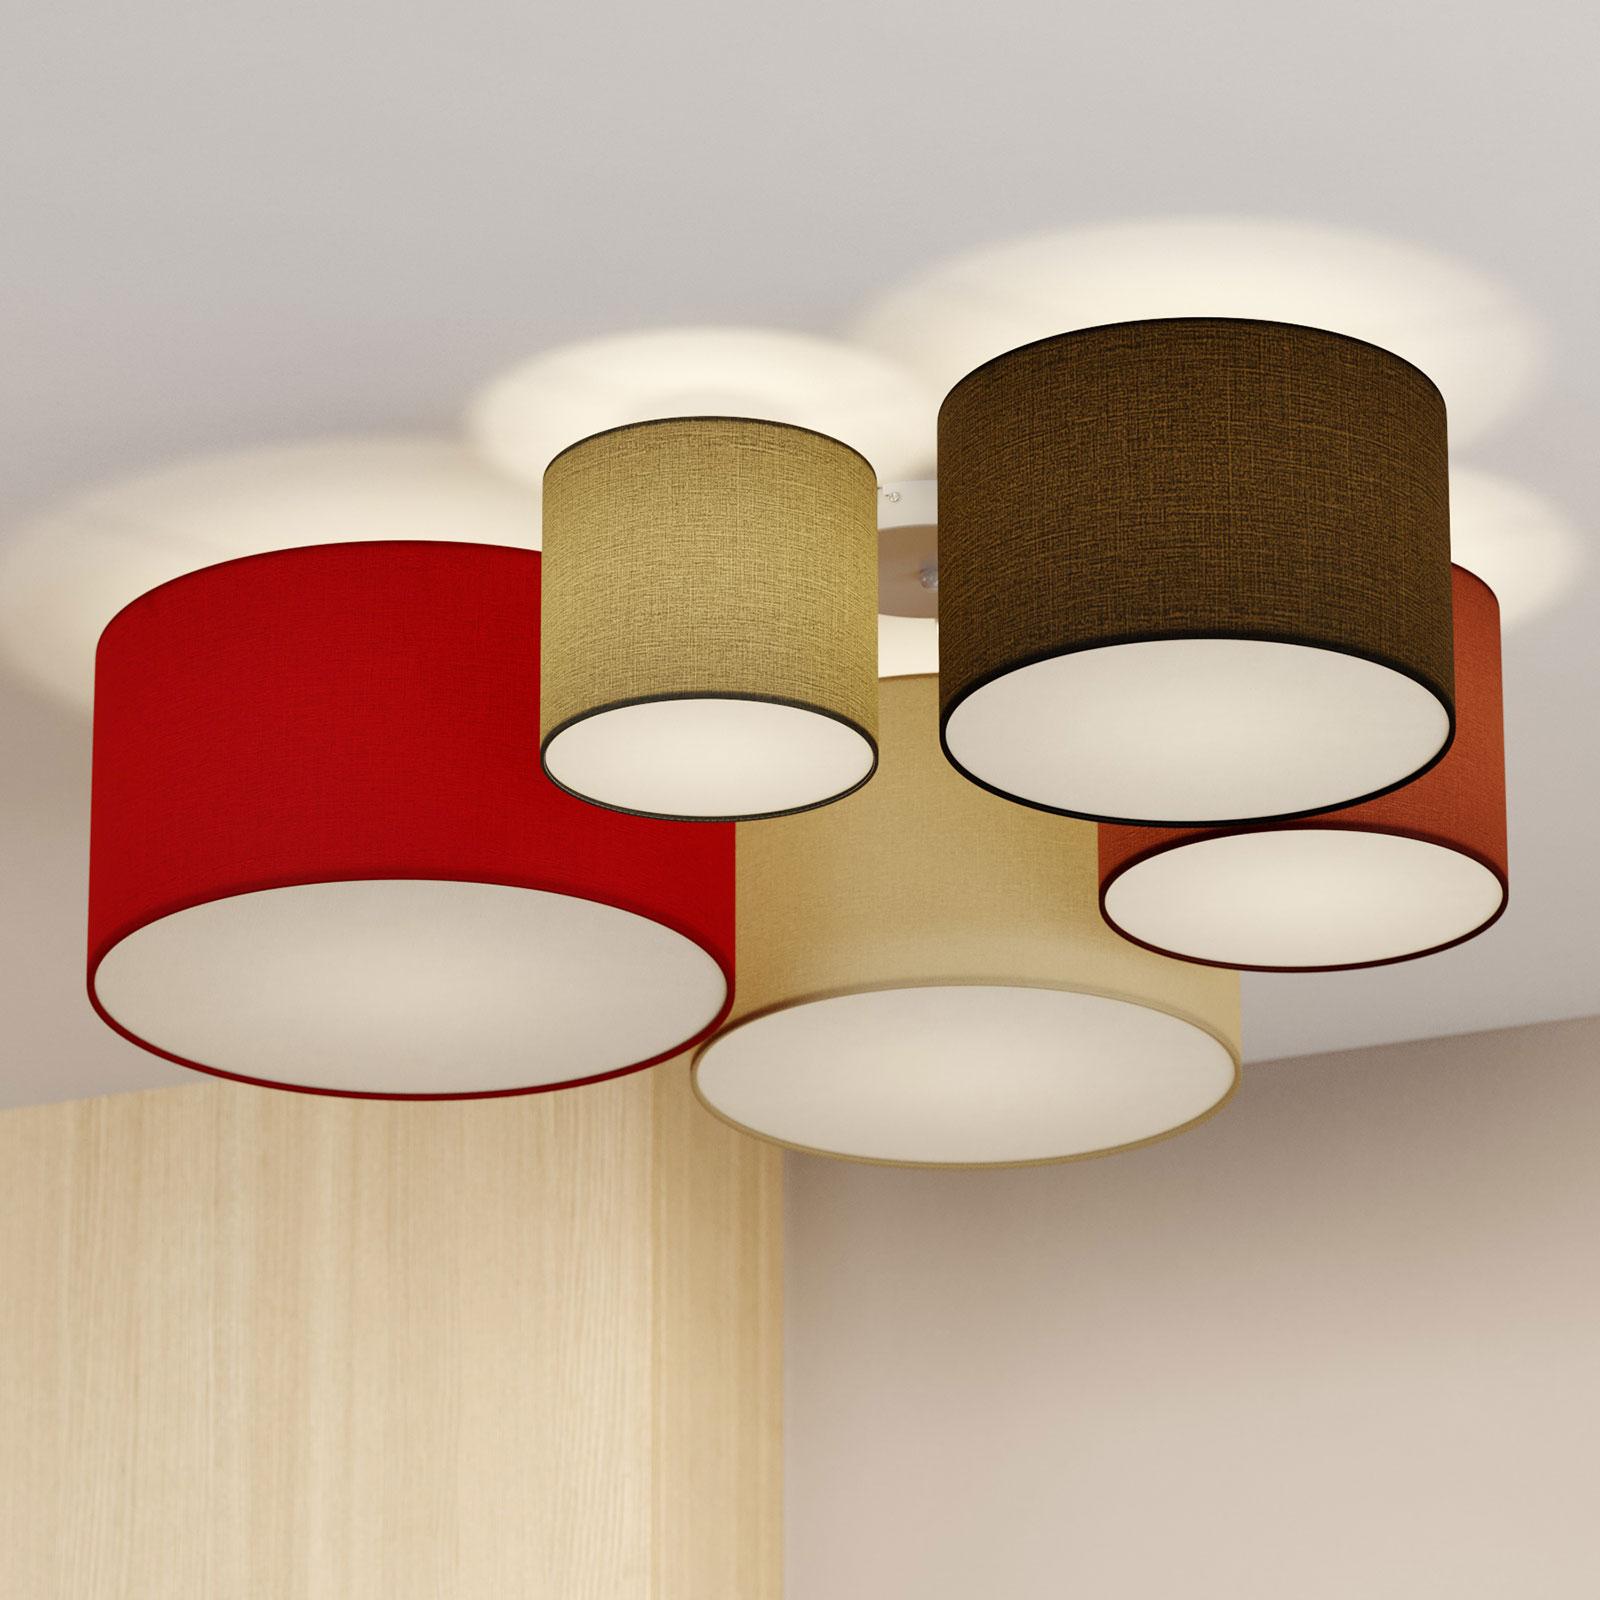 Lindby Laurenz taklampe, 5 lys 90cm rød-hvit